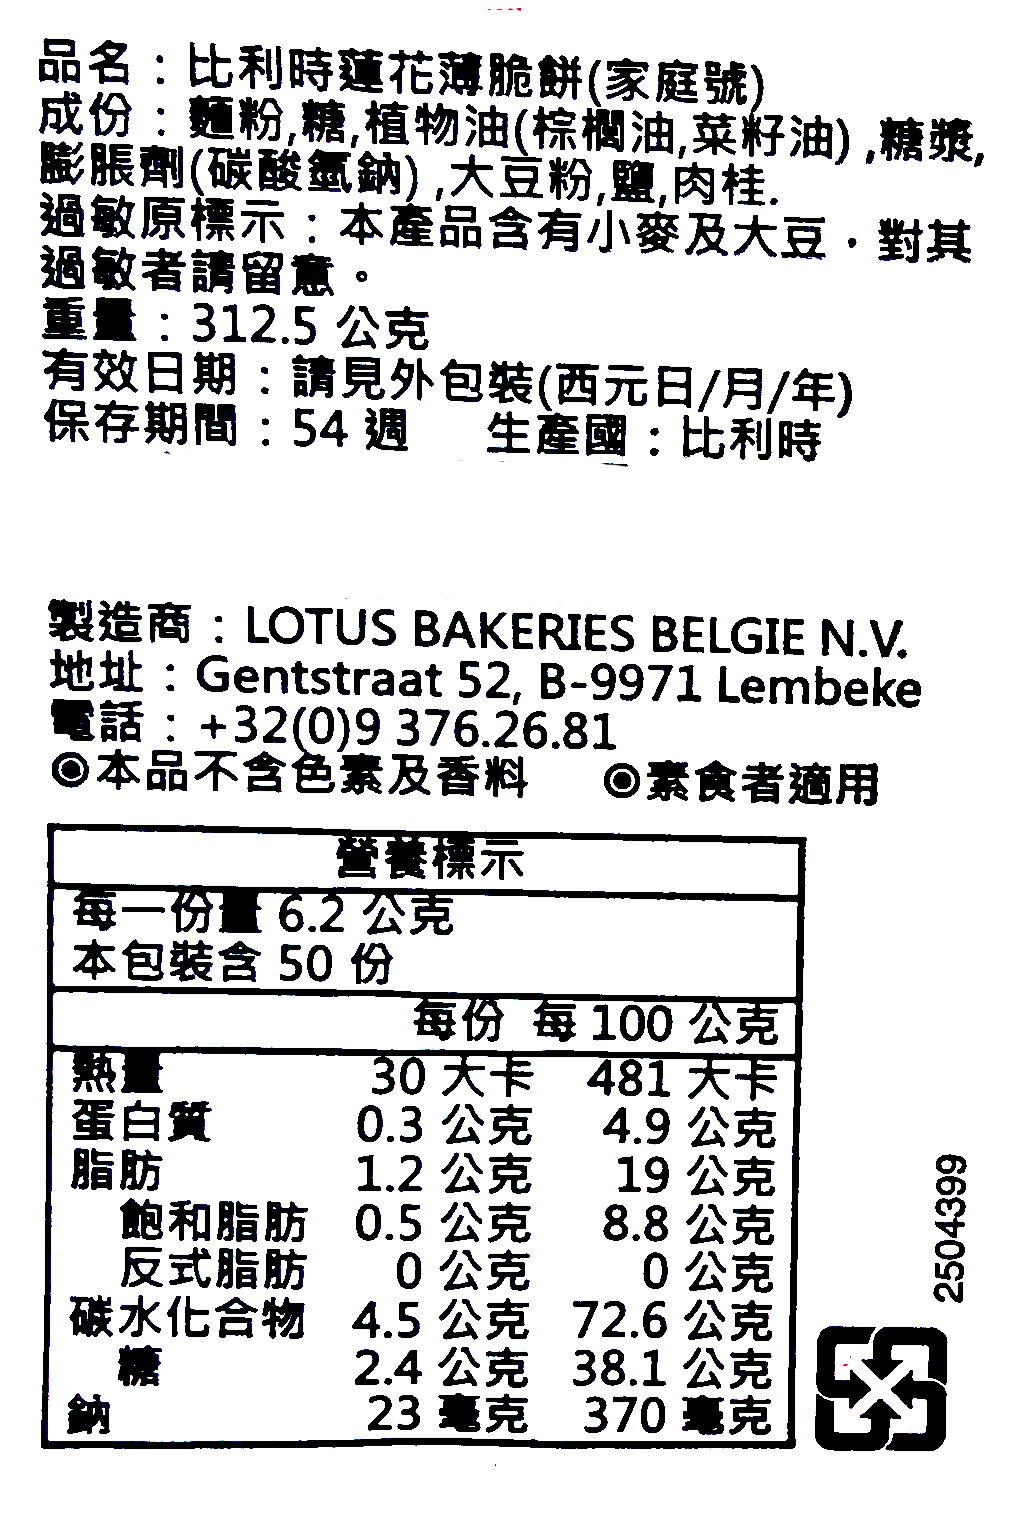 《Chara 微百貨》 比利時 Lotus 蓮花餅 蓮花 餅乾 咖啡 下午茶 焦糖餅 脆餅 12入 24入 50入 3